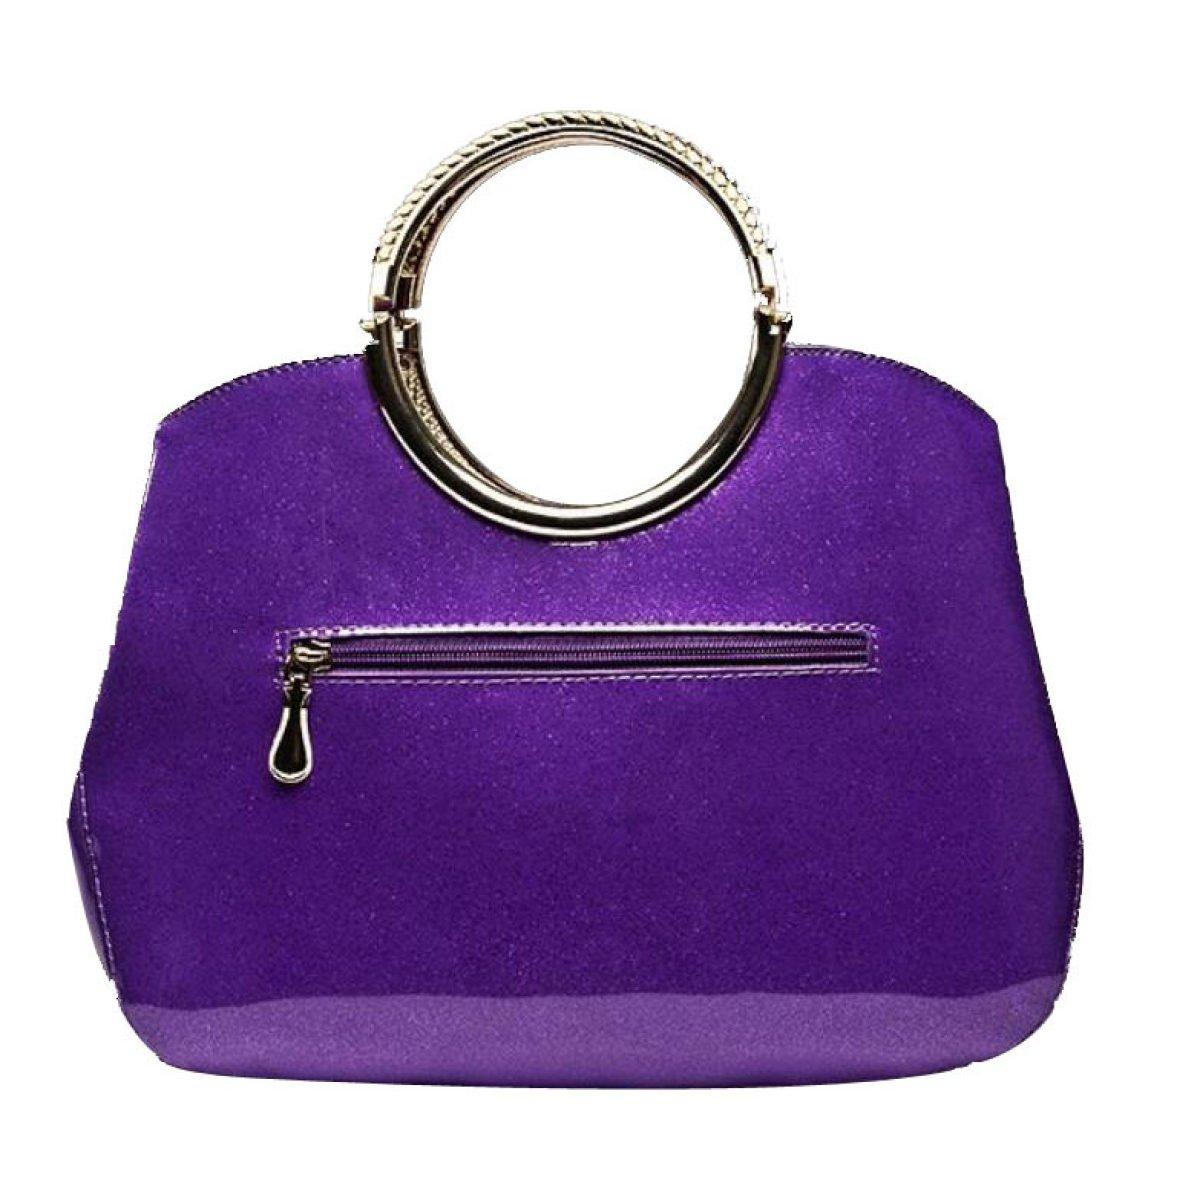 Bolso De Hombro Del Bolso De Hombro De La Charol De Las Mujeres,Purple: Amazon.es: Jardín